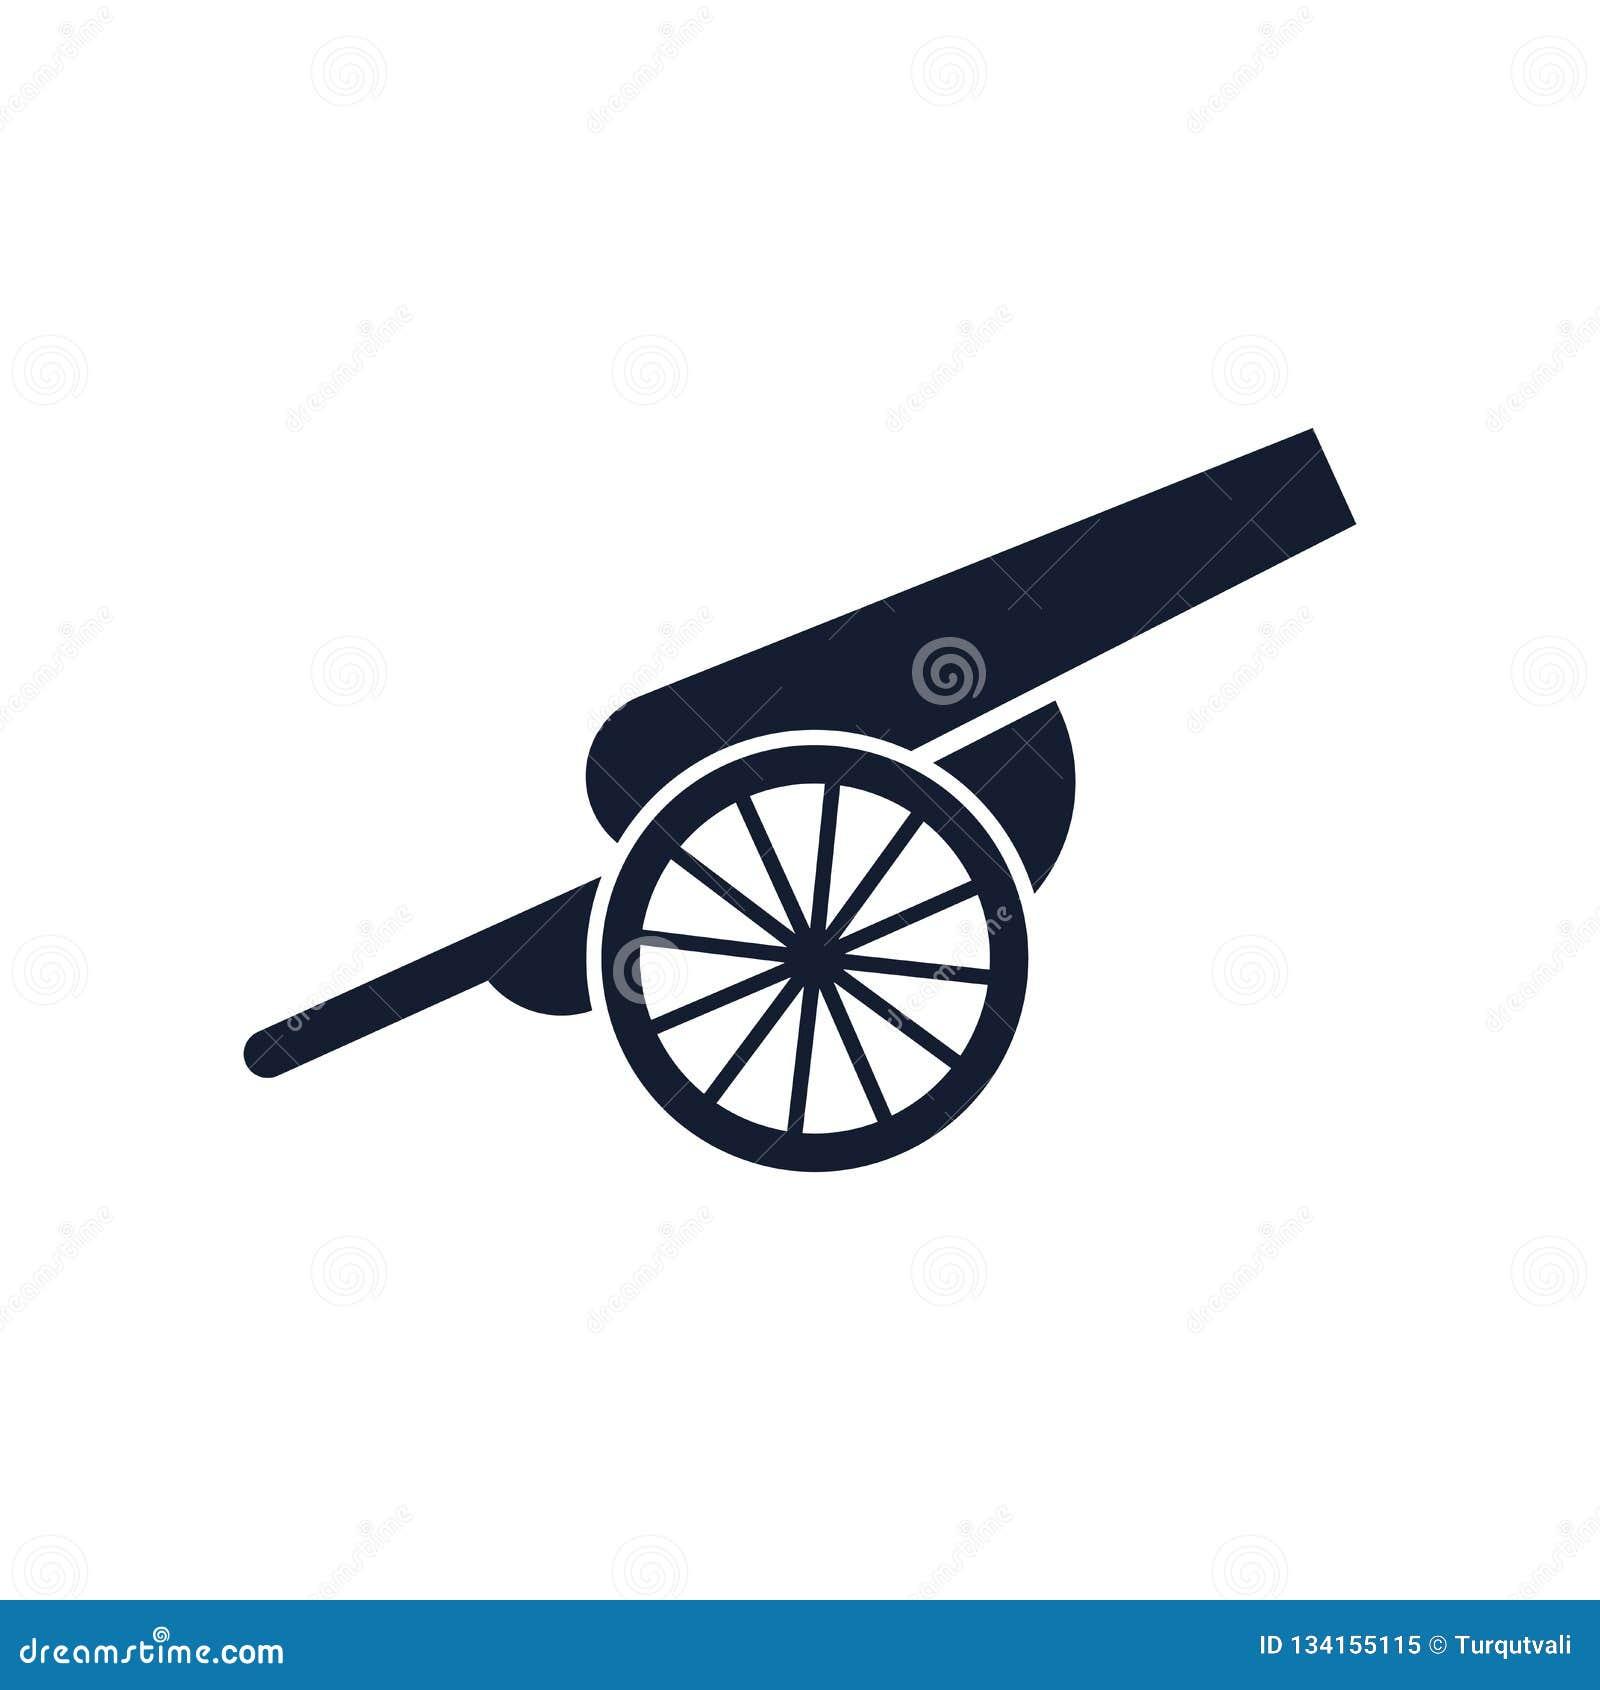 Sinal e símbolo do vetor do ícone do canhão isolados no fundo branco, conceito do logotipo do canhão